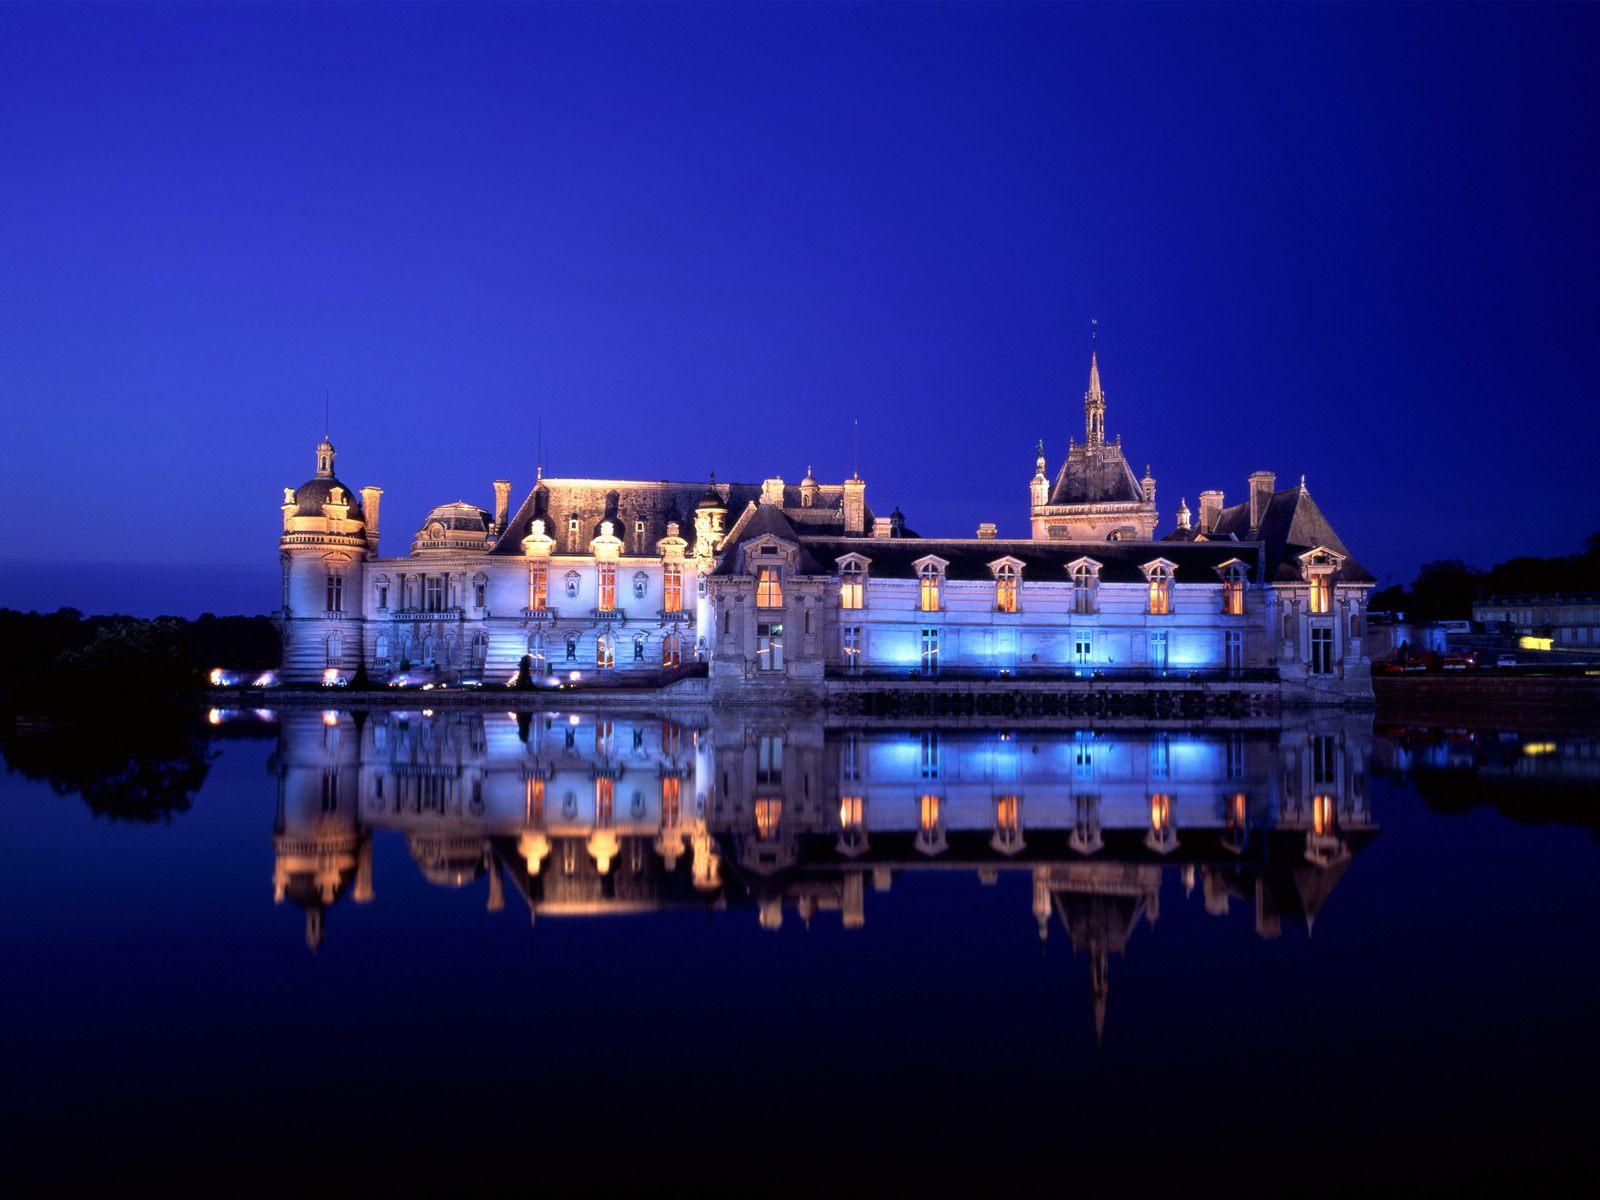 http://1.bp.blogspot.com/-xSG7y0gUPws/T7FB9XgUiXI/AAAAAAAAFWQ/2nxIIoGNfYg/s1600/Chateau-de-Chantilly-Chantilly-France+www.deskbase.com.br.jpg